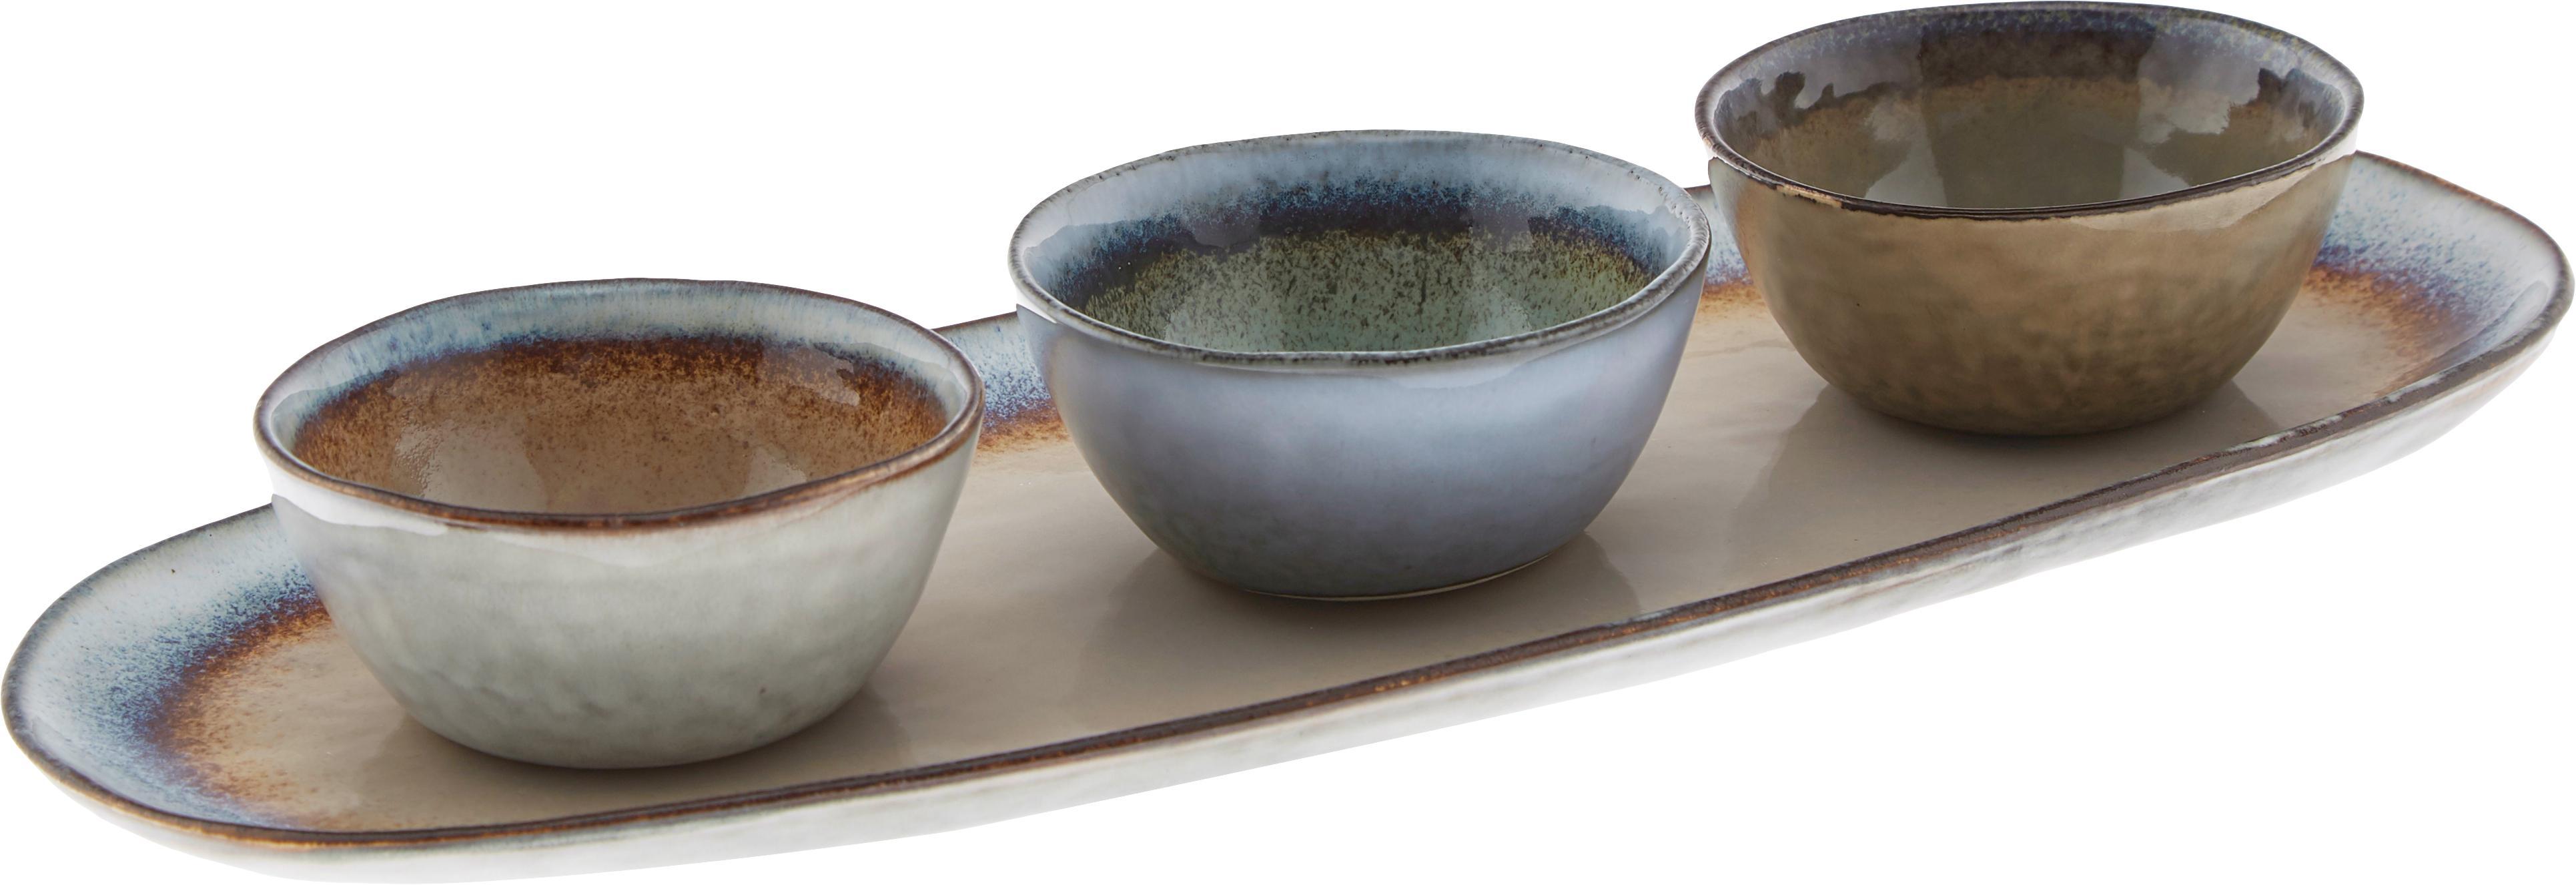 Komplet ręcznie wykonanych misek do dipów Nomimono, 3 elem., Kamionka, Wielobarwny, Komplet z różnymi rozmiarami